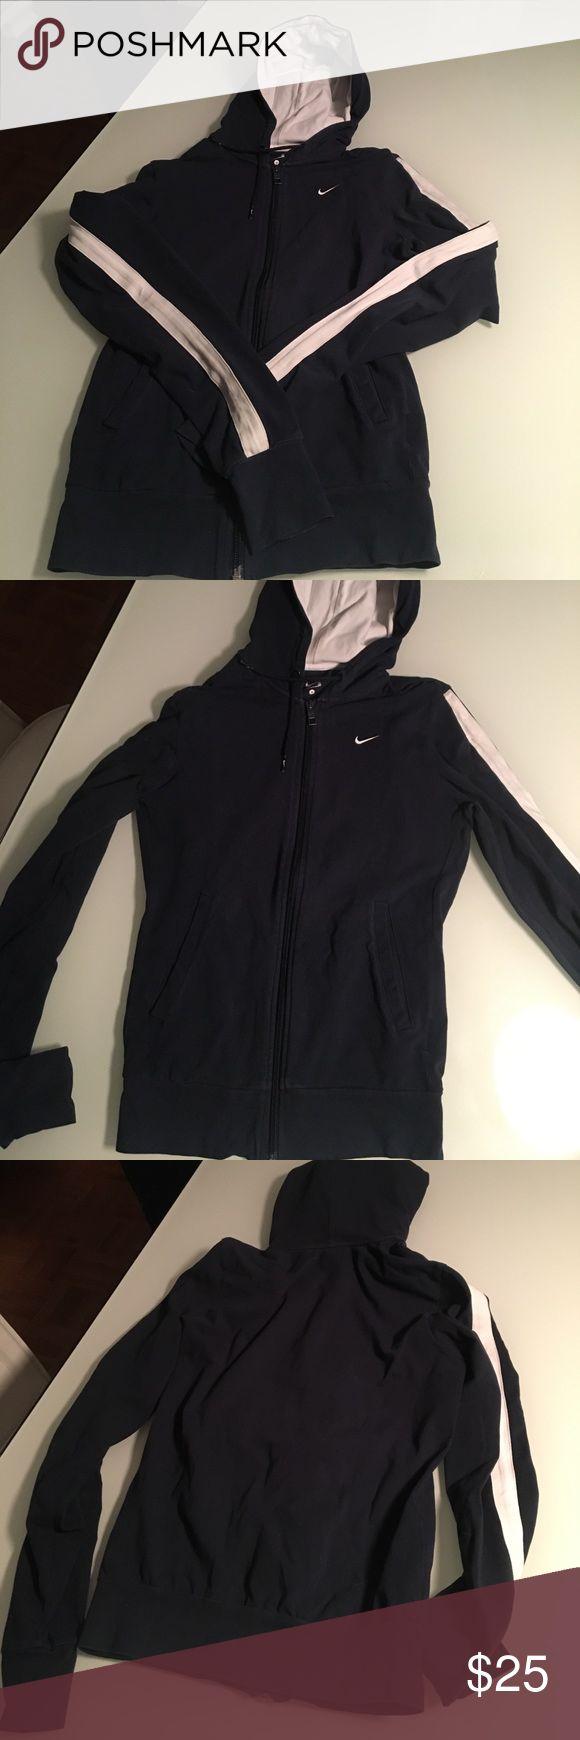 Nike Women's Full-Zip Hoodie Gently used Blue and white Nike Women's Full-Zip Hoodie Nike Other